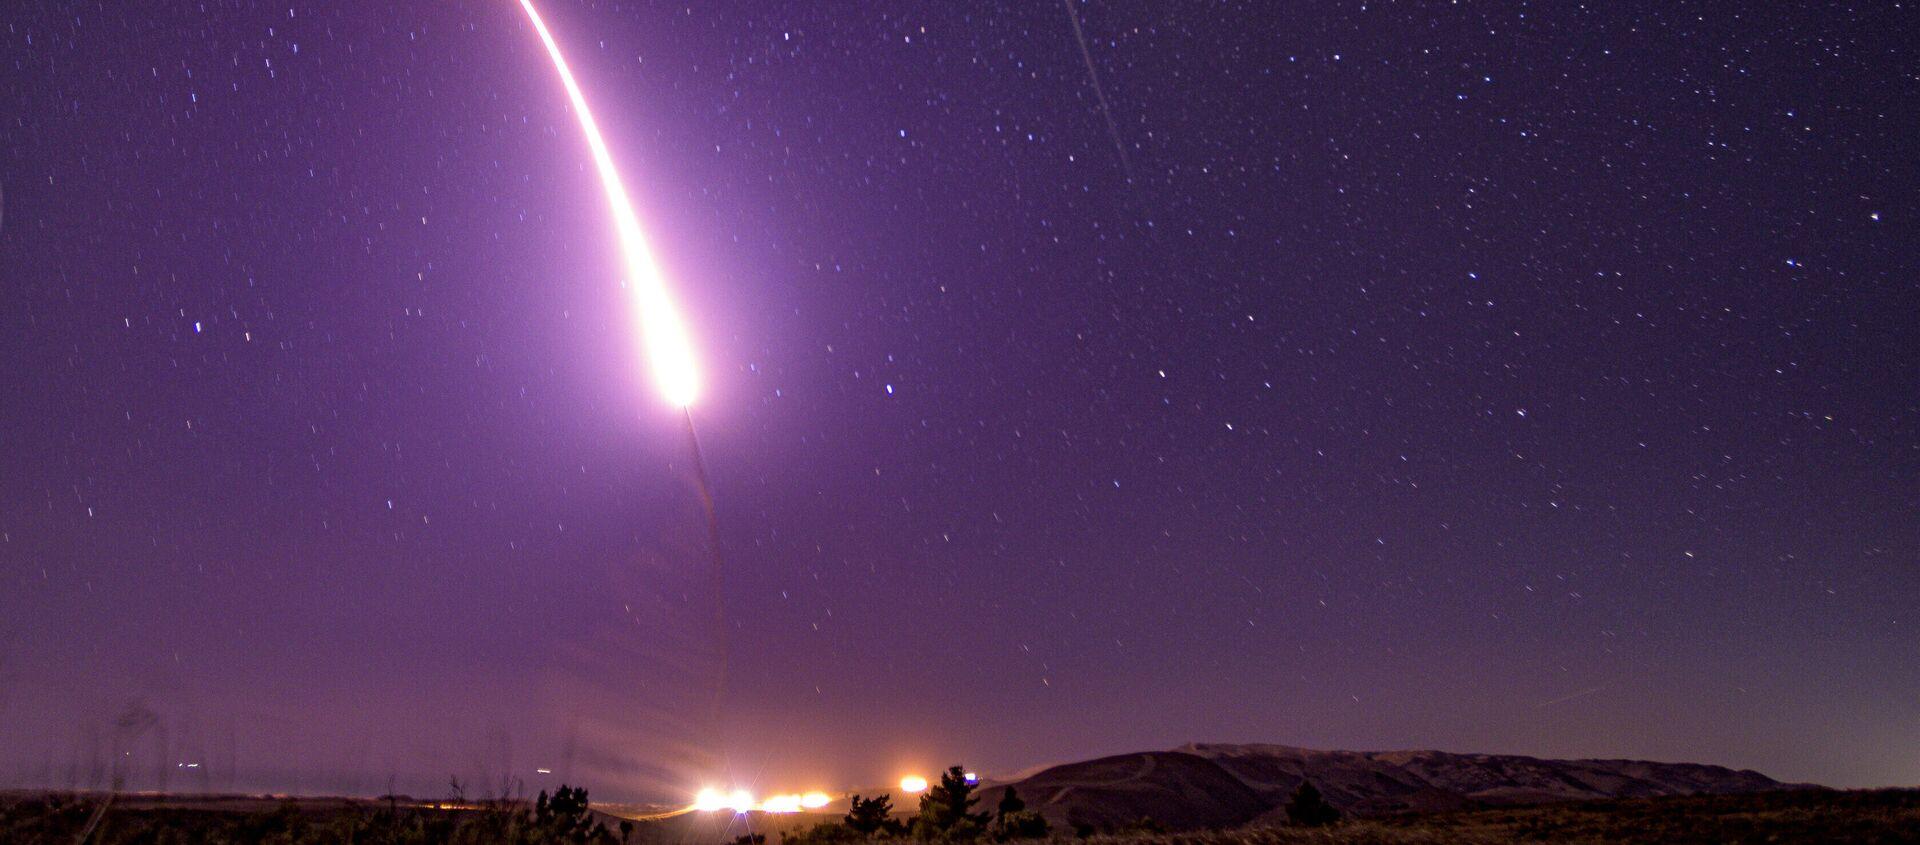 Pusk amerikanskoy mejkontinentalnoy ballisticheskoy raketы Minuteman III - Sputnik Oʻzbekiston, 1920, 10.02.2021